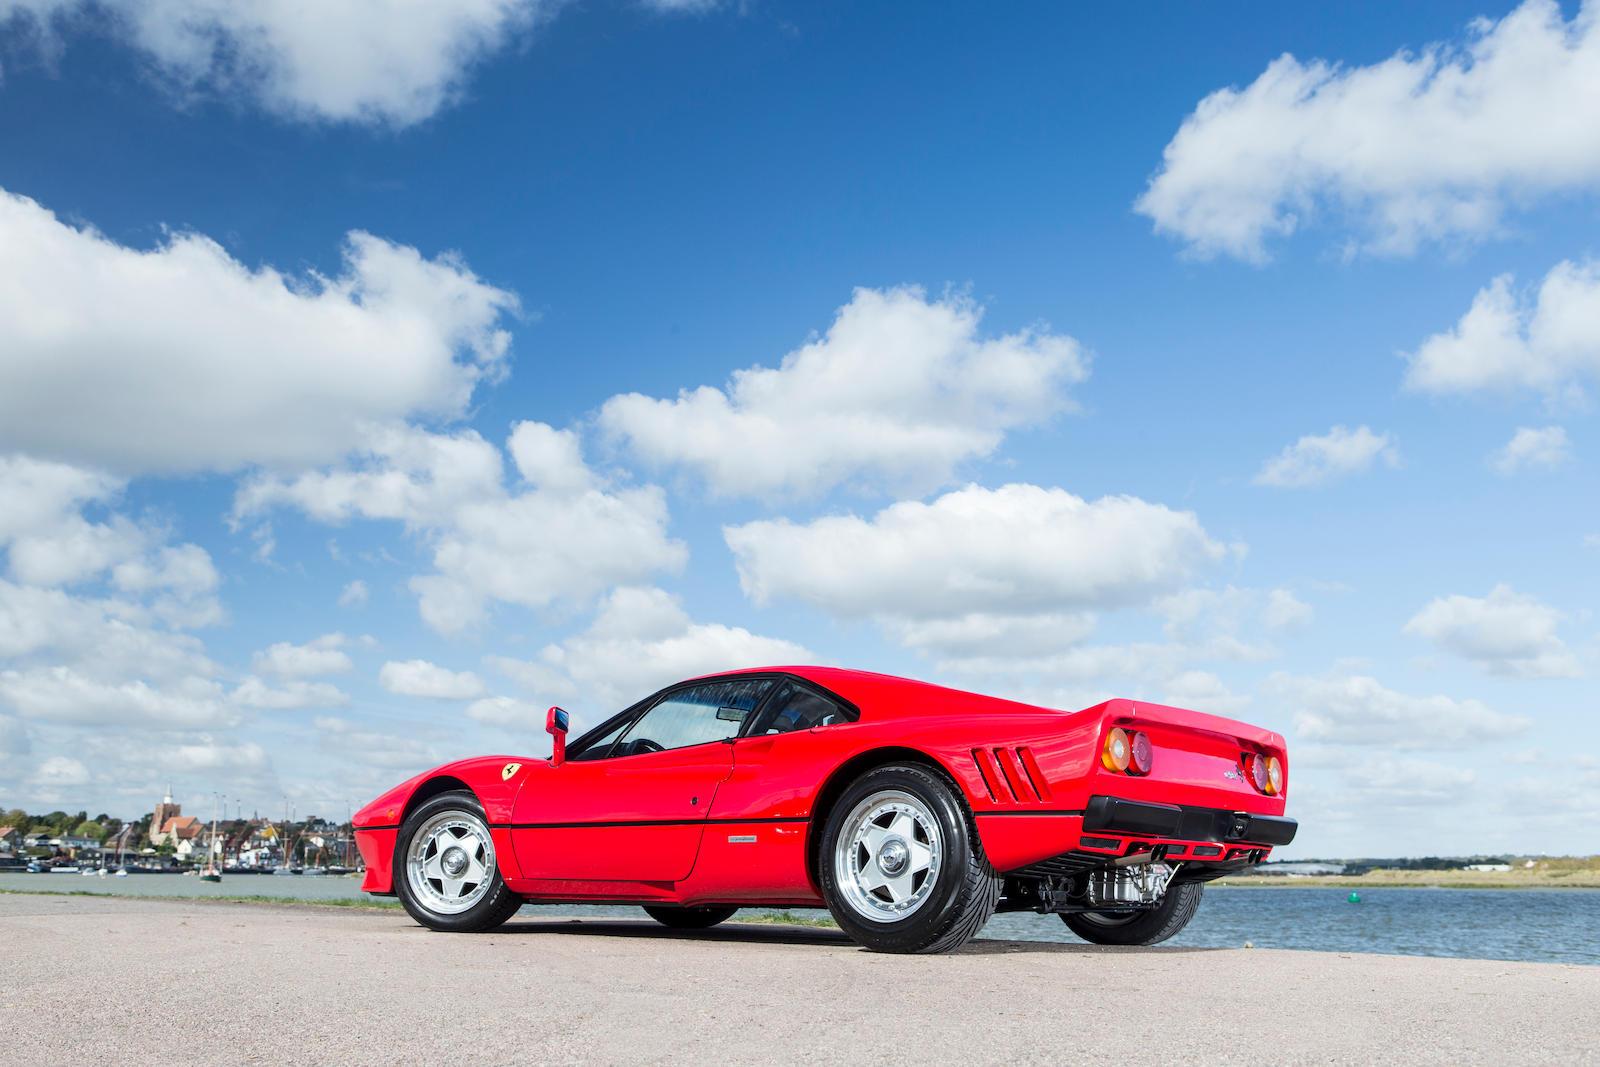 Ferrari 288 Gto For Sale >> Ferrari 288 GTO 1985 - SPRZEDANE - Giełda klasyków